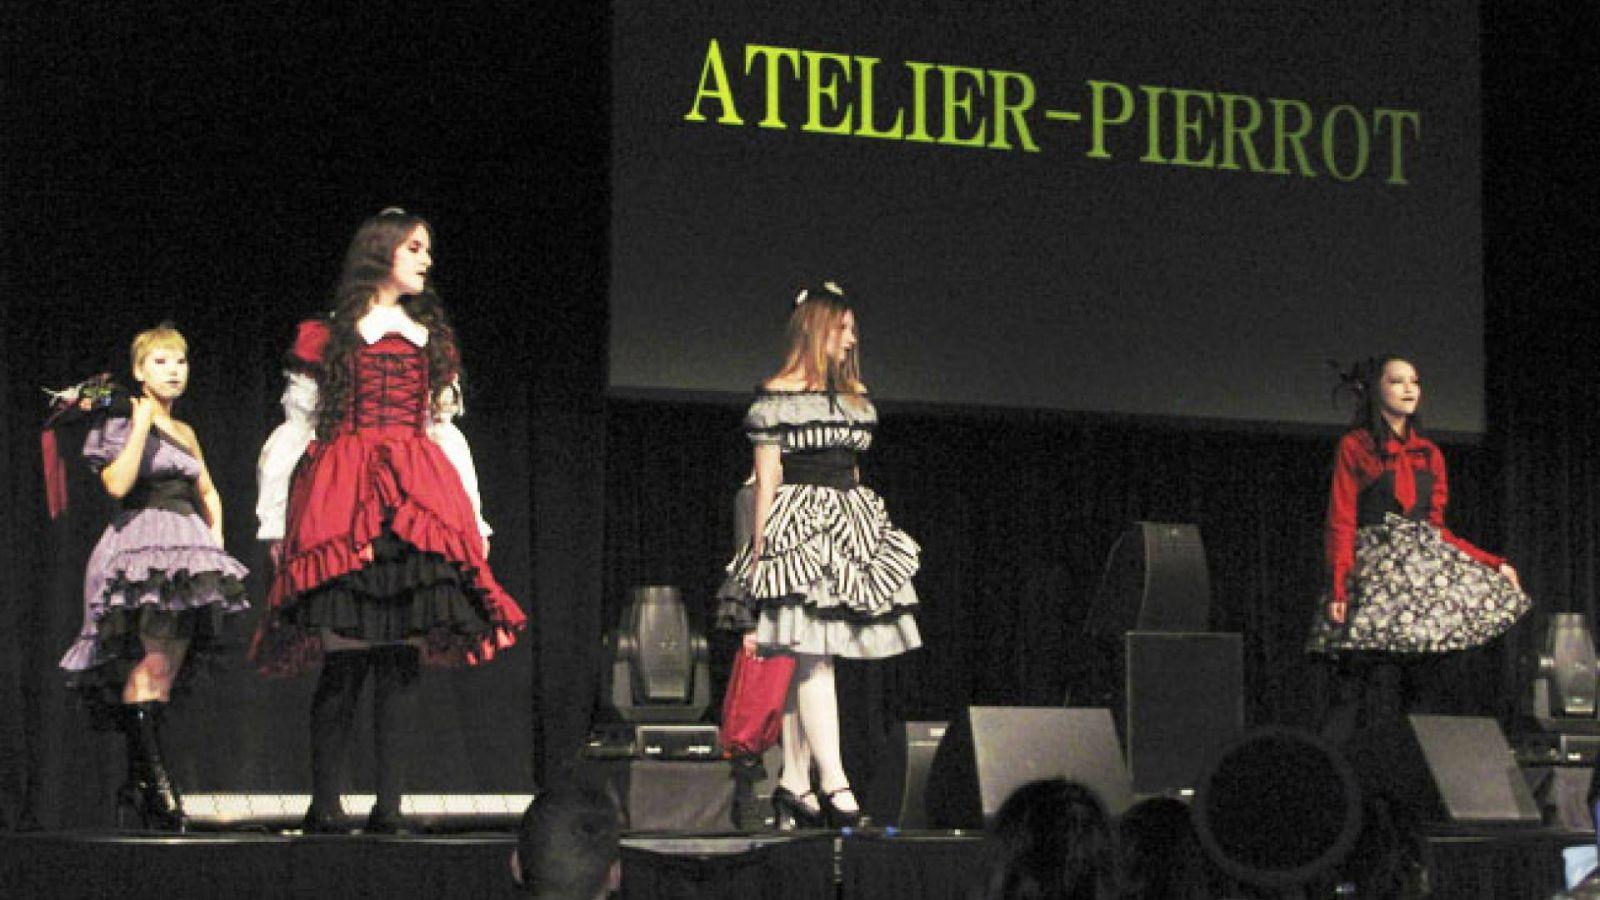 ATELIER-PIERROT & Chantilly Fashion Show, Sakura-Con 2012 © Sam Attwood